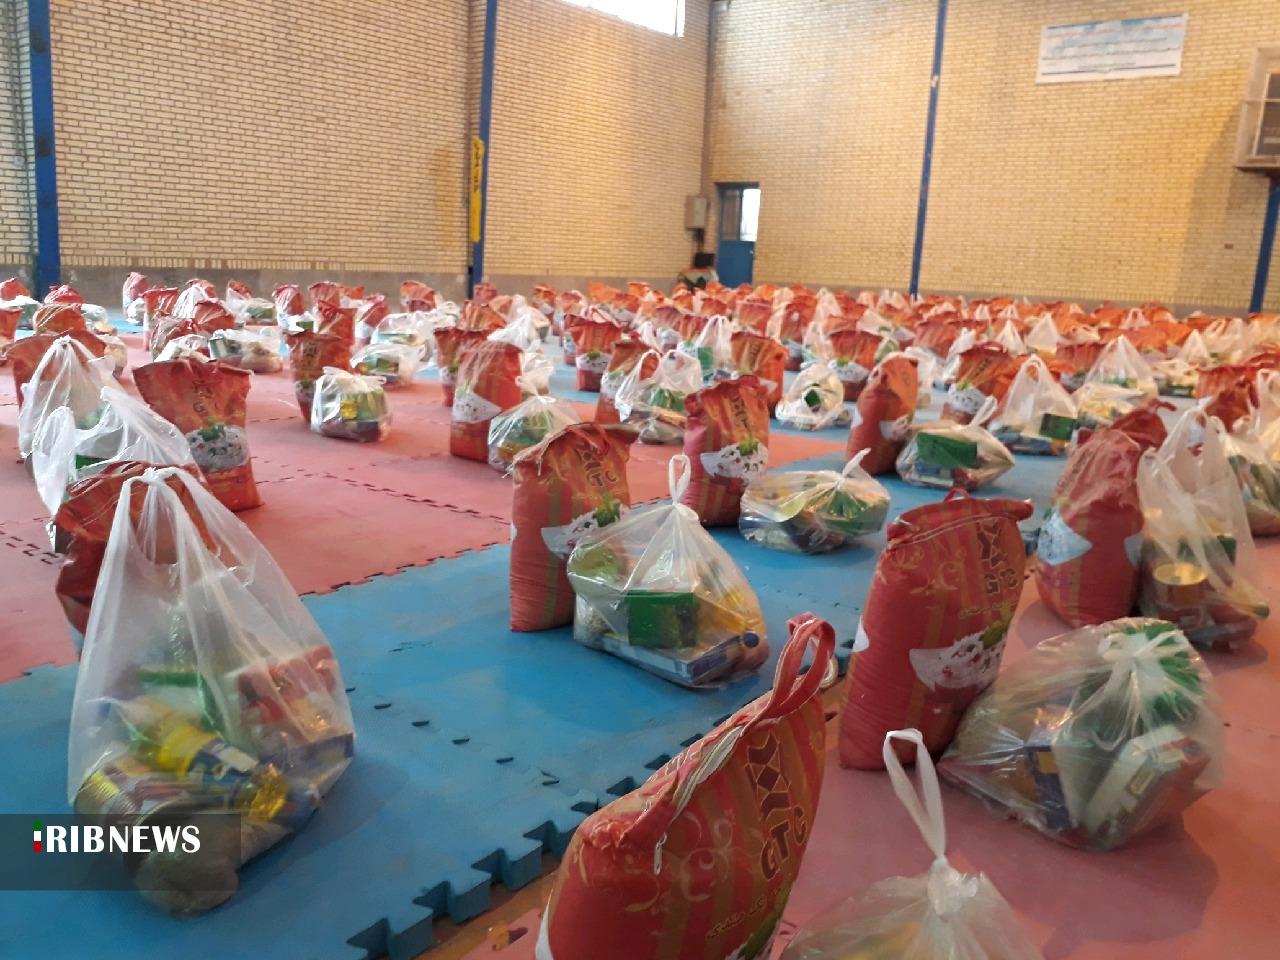 توزیع ۲۳۰ بسته مواد غذایی بین نیازمندان سربیشه